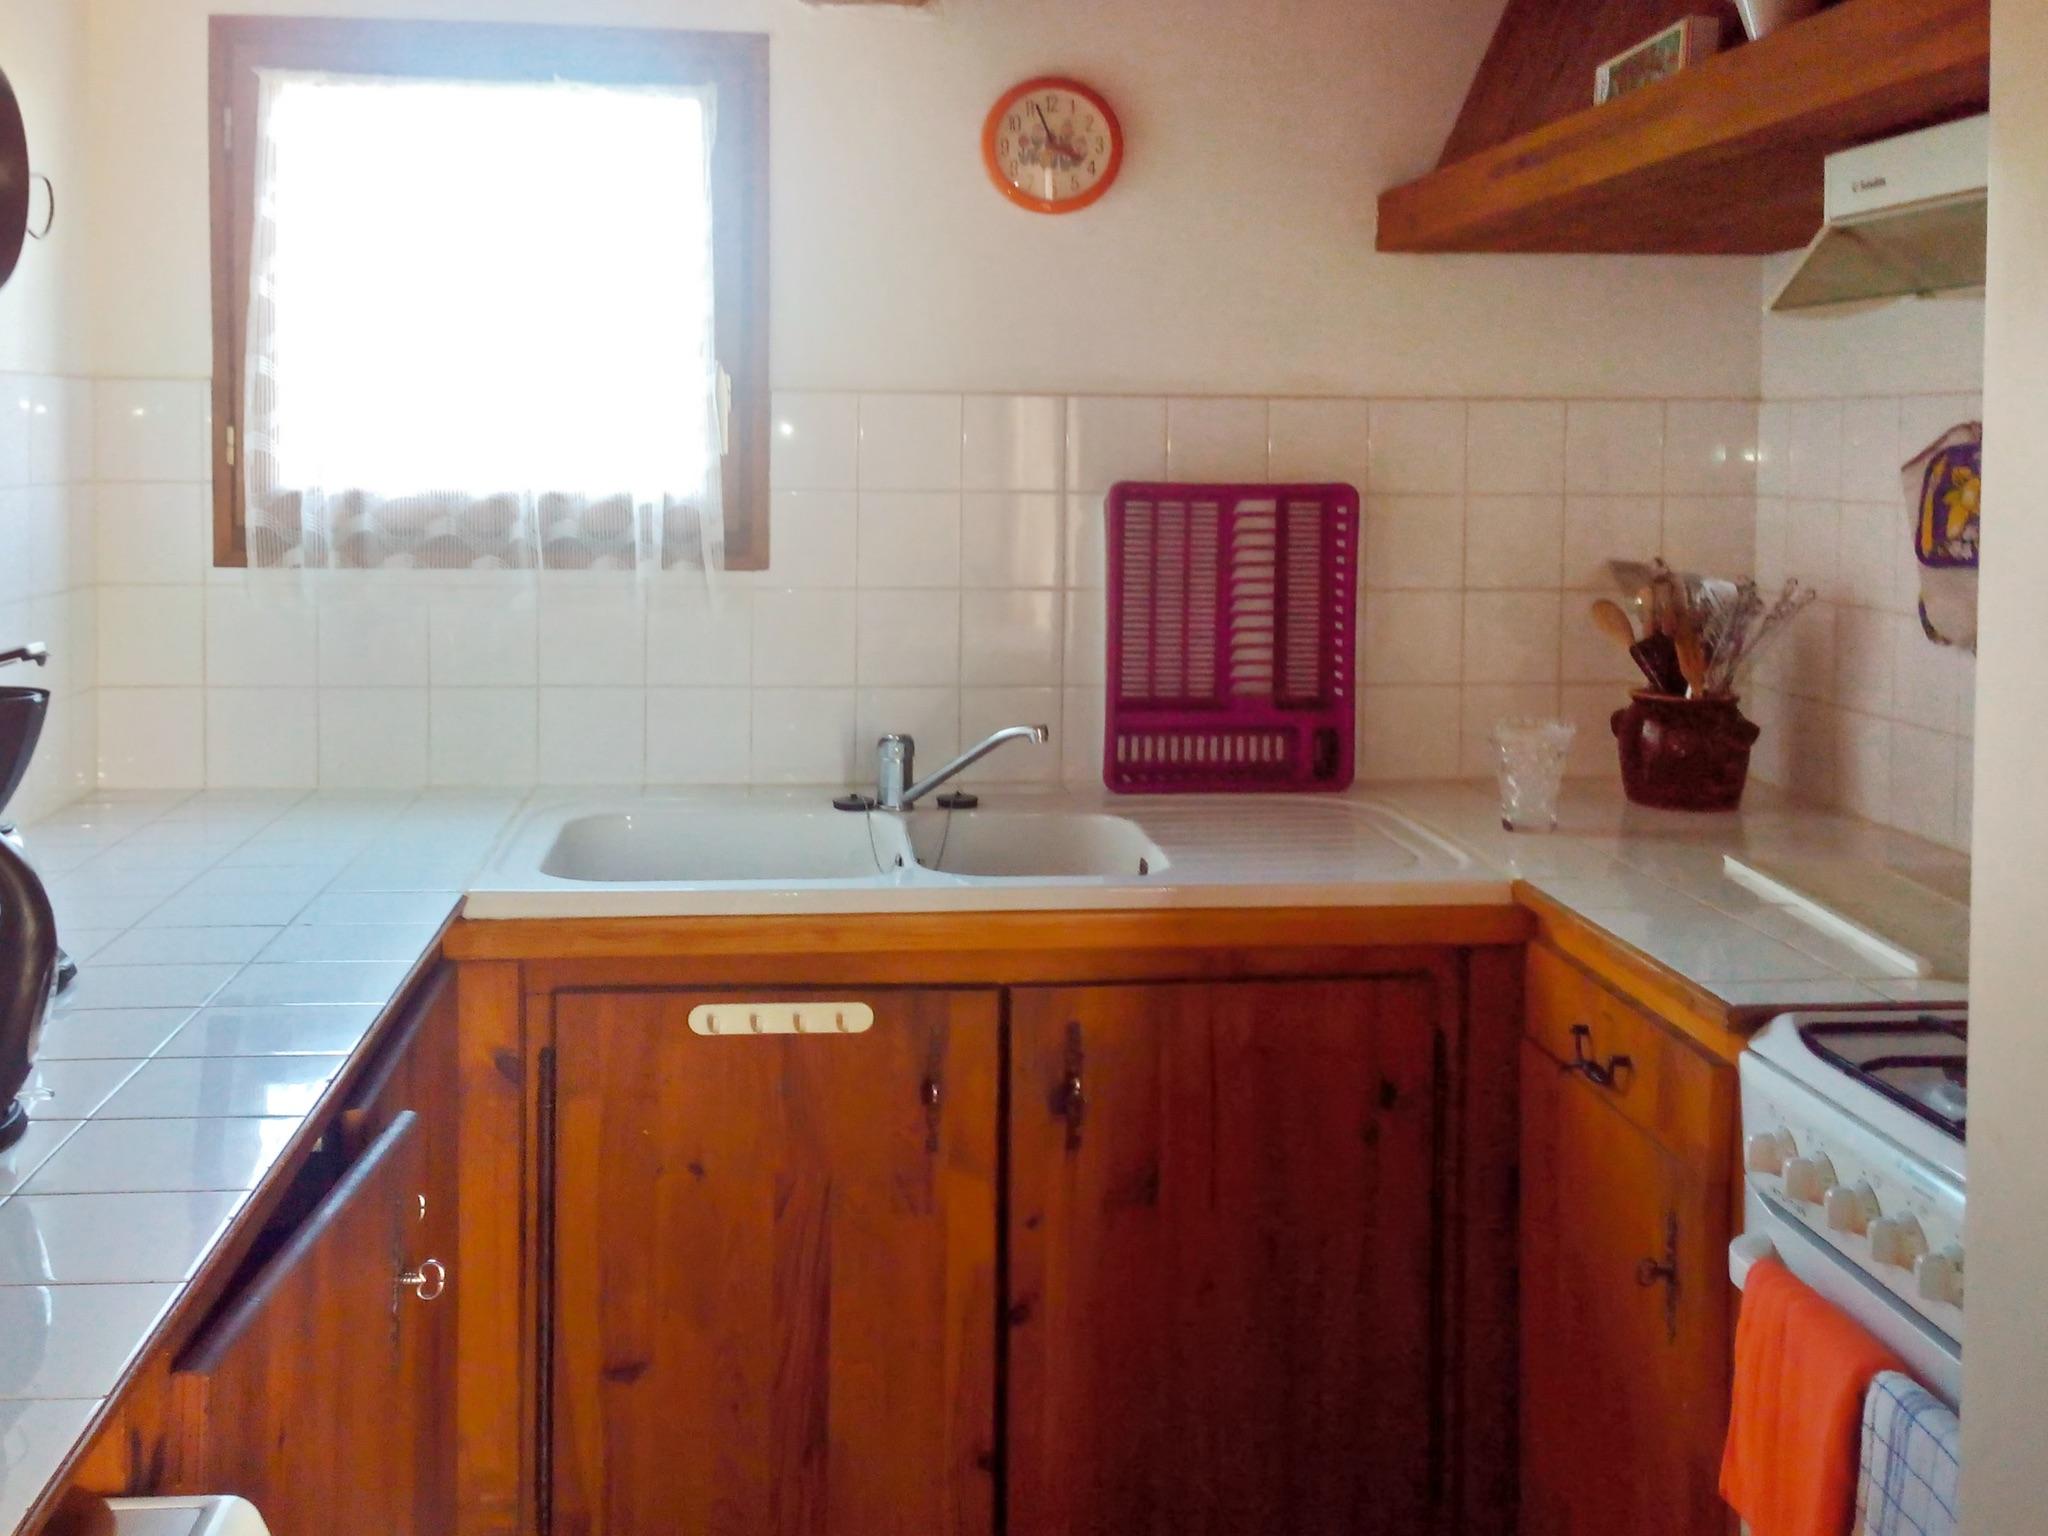 Ferienhaus Villa mit 4 Zimmern in Trensacq mit privatem Pool und möbliertem Garten - 45 km vom Strand (2202366), Trensacq, Landes, Aquitanien, Frankreich, Bild 16